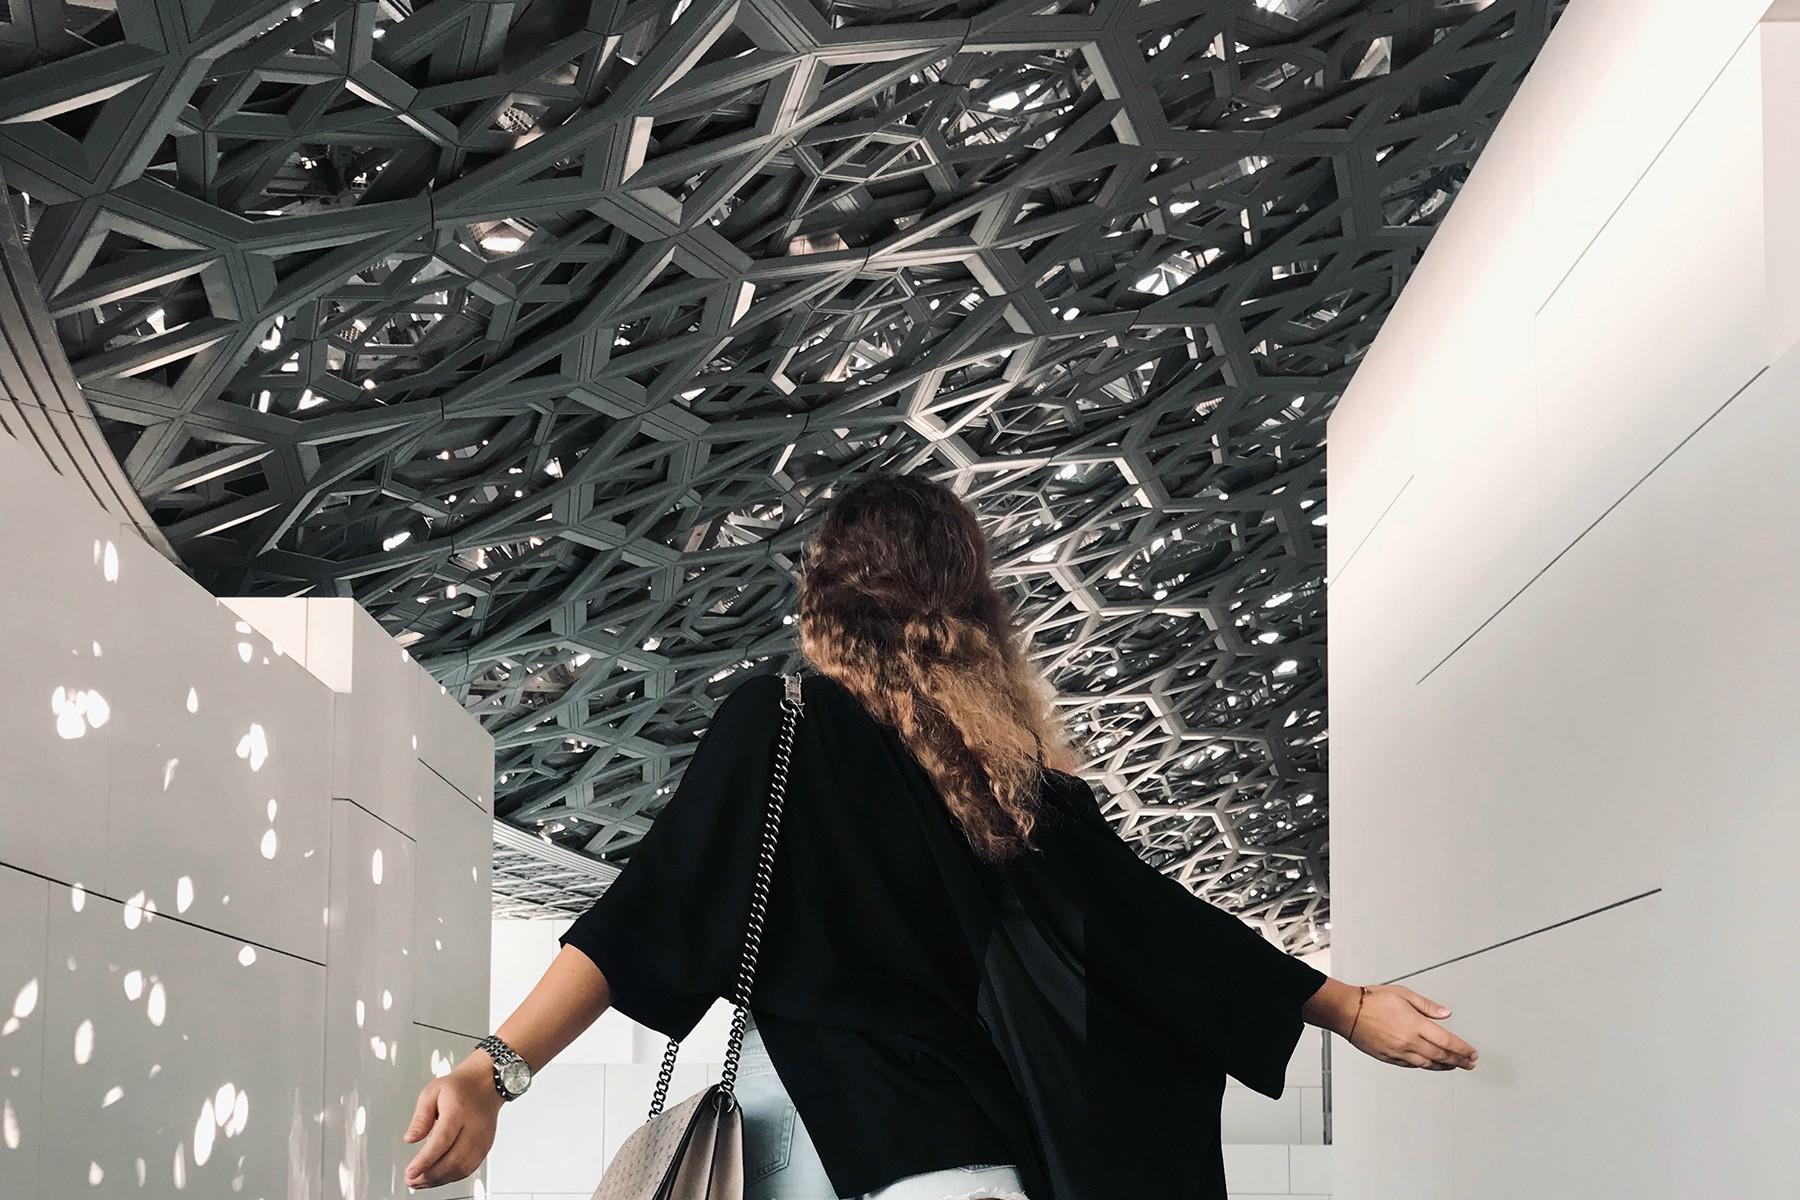 Múzeum Louvre v Abu Dhabi - Spojené Arabské Emiráty